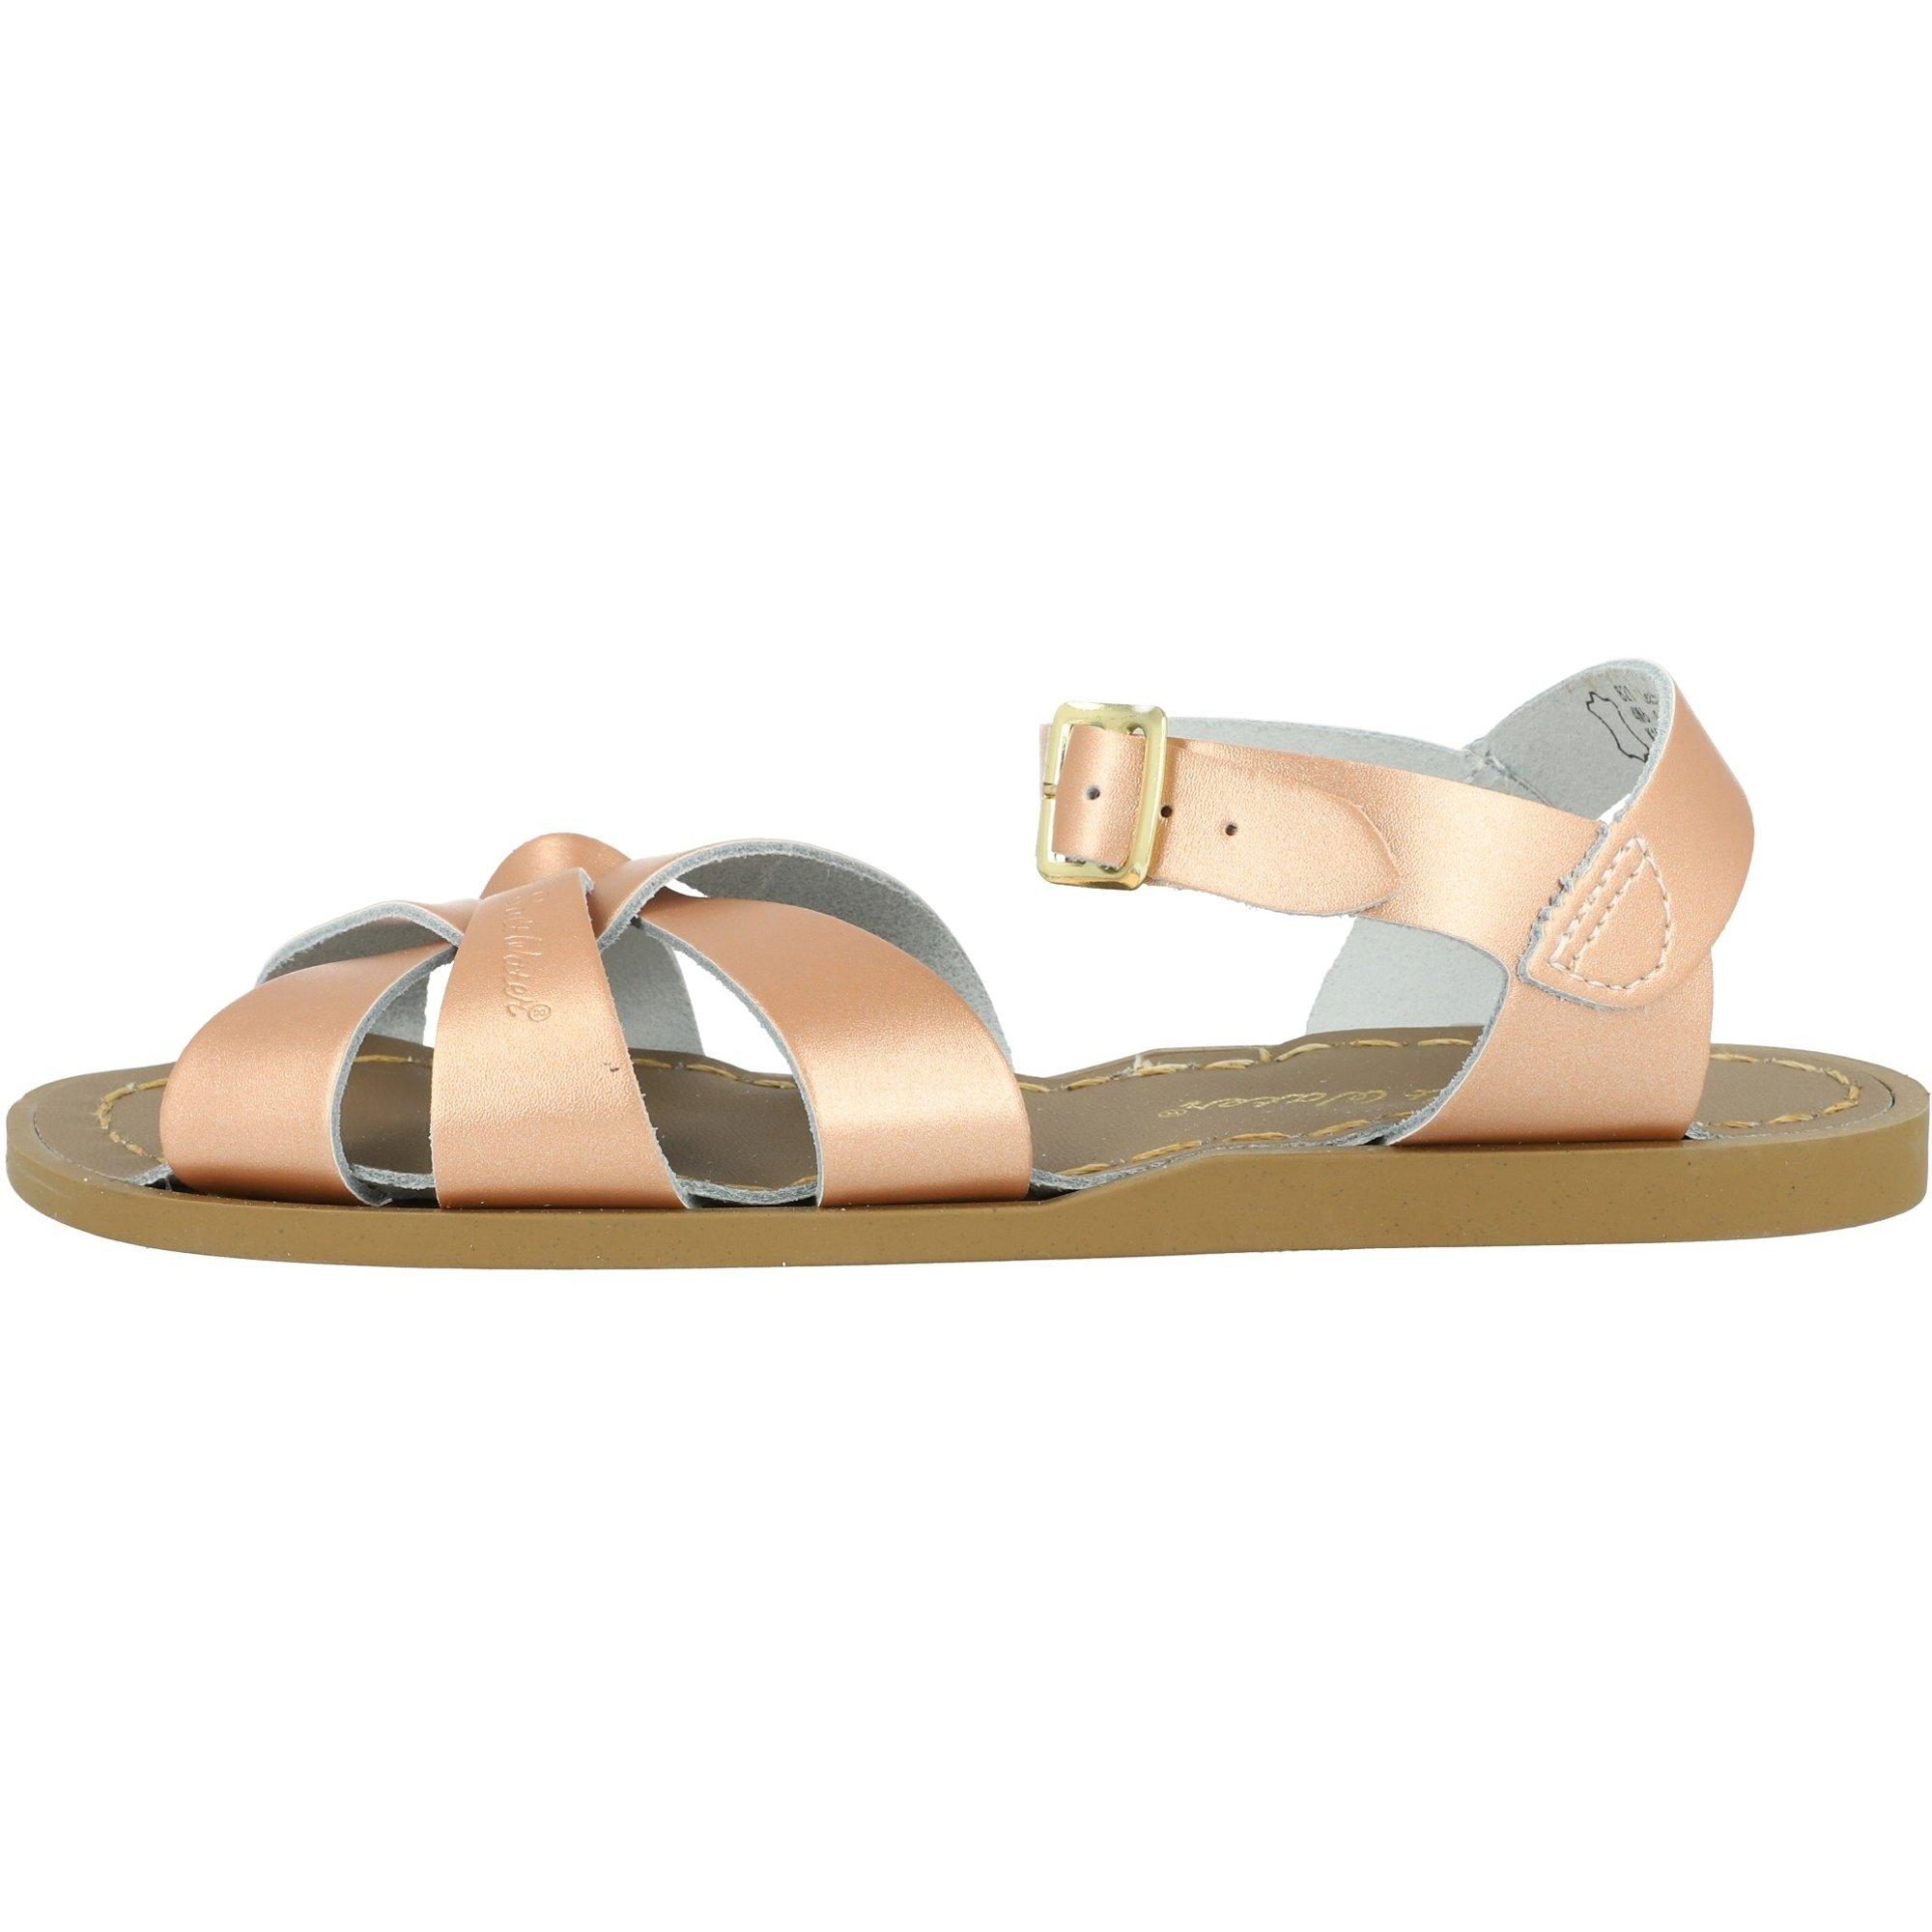 Salt Water Sandals Original Rose Gold Leather